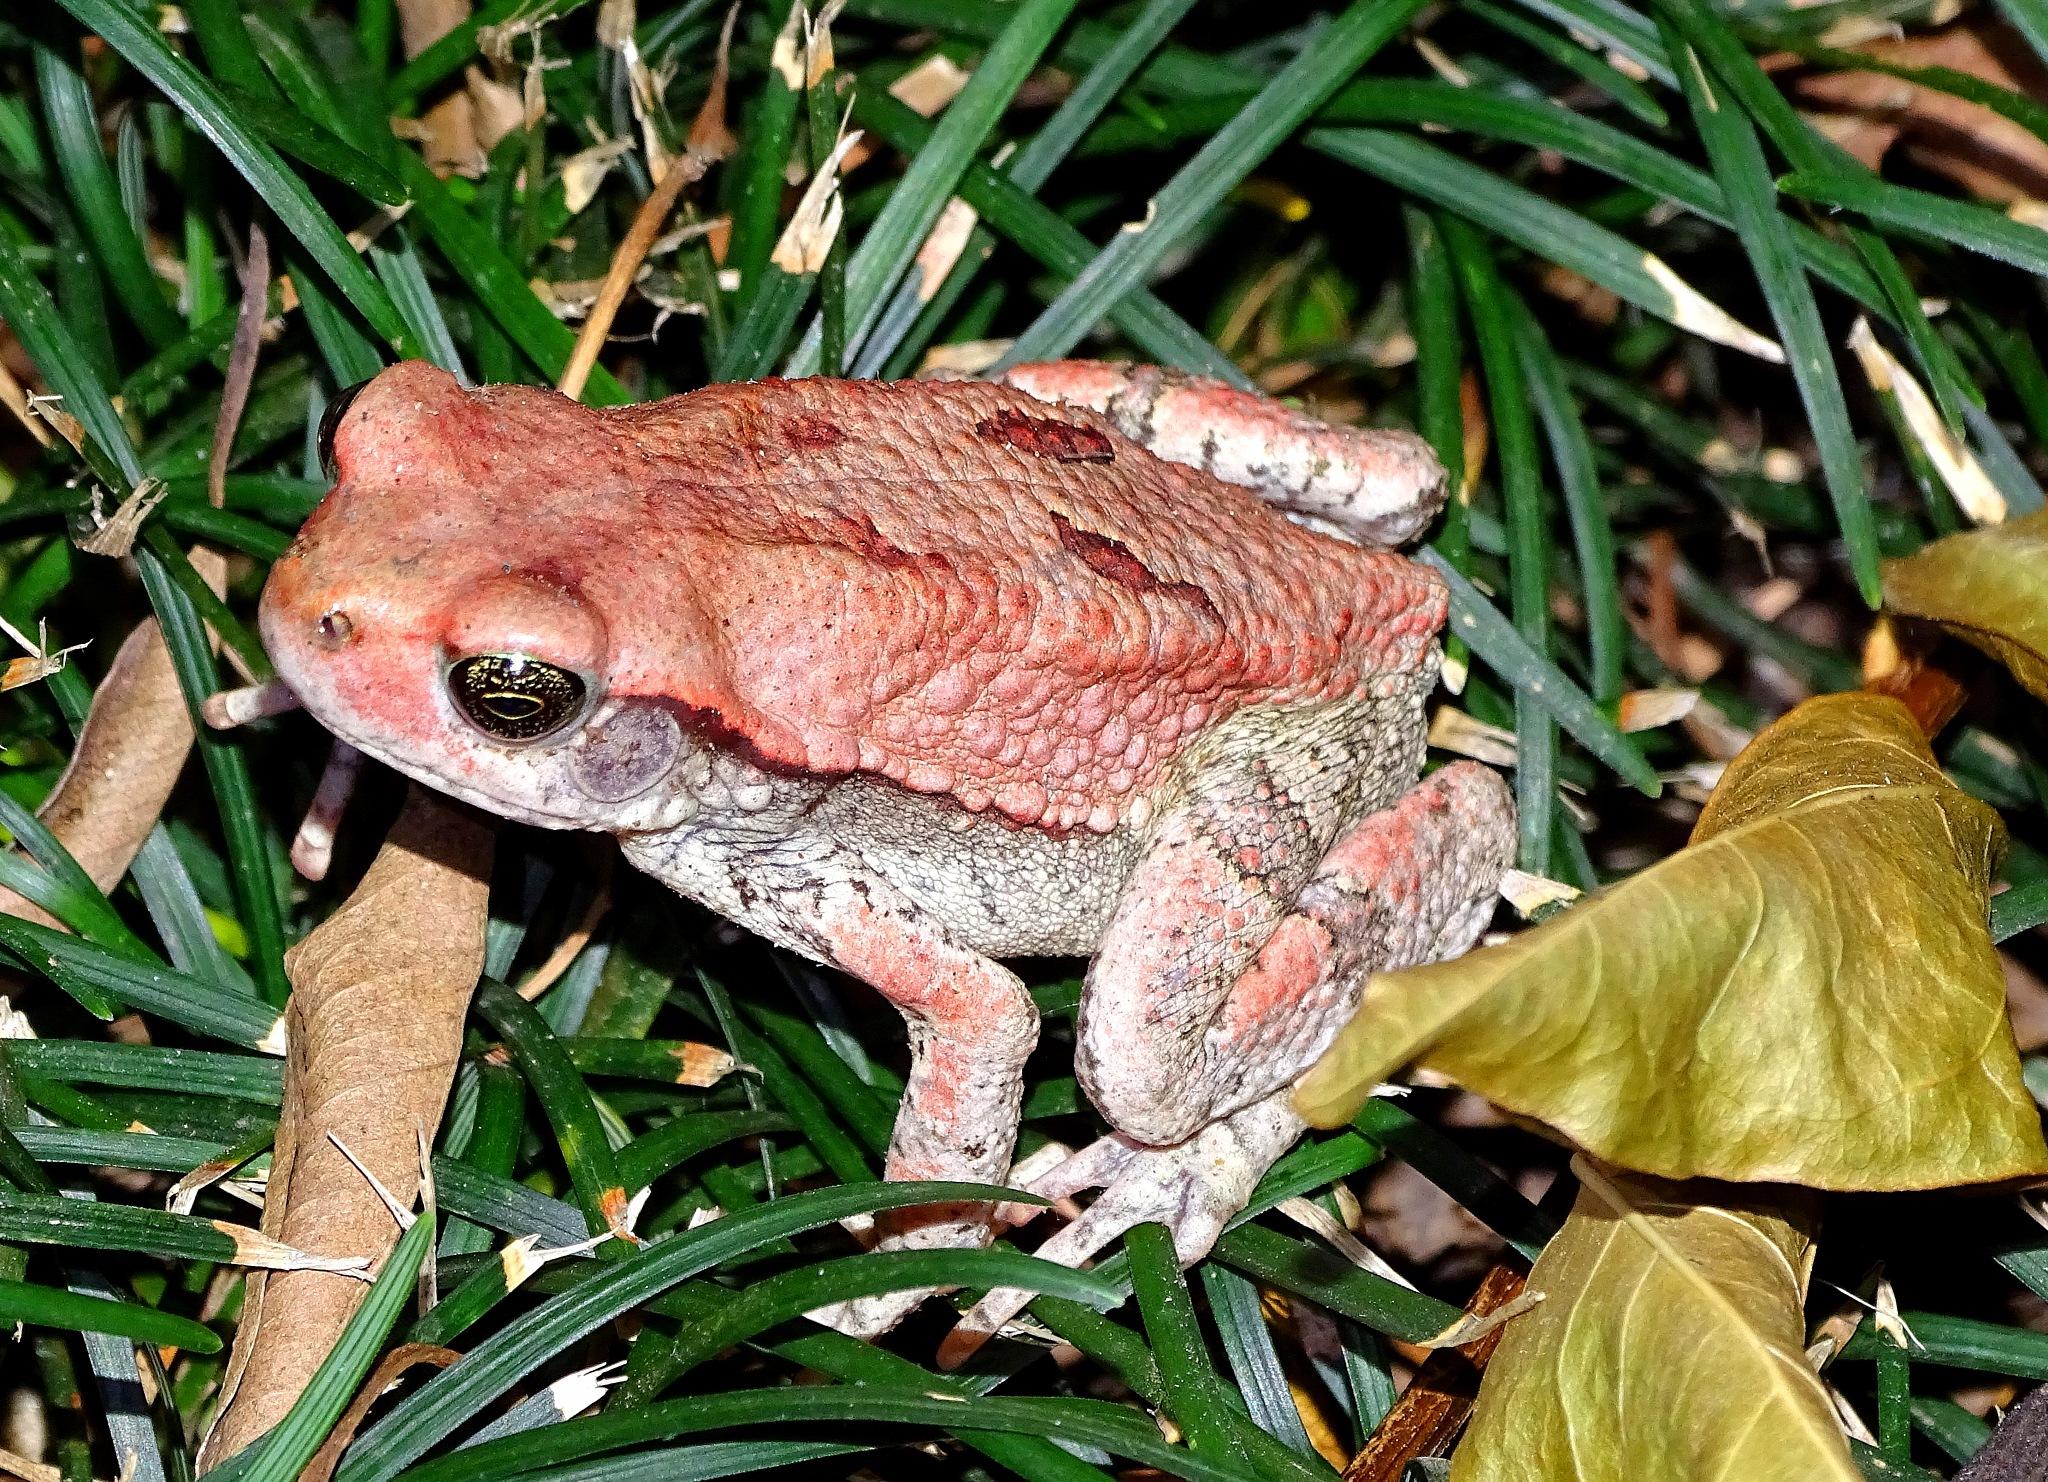 Red toad by Mariëlla van der Lans-Schosswald